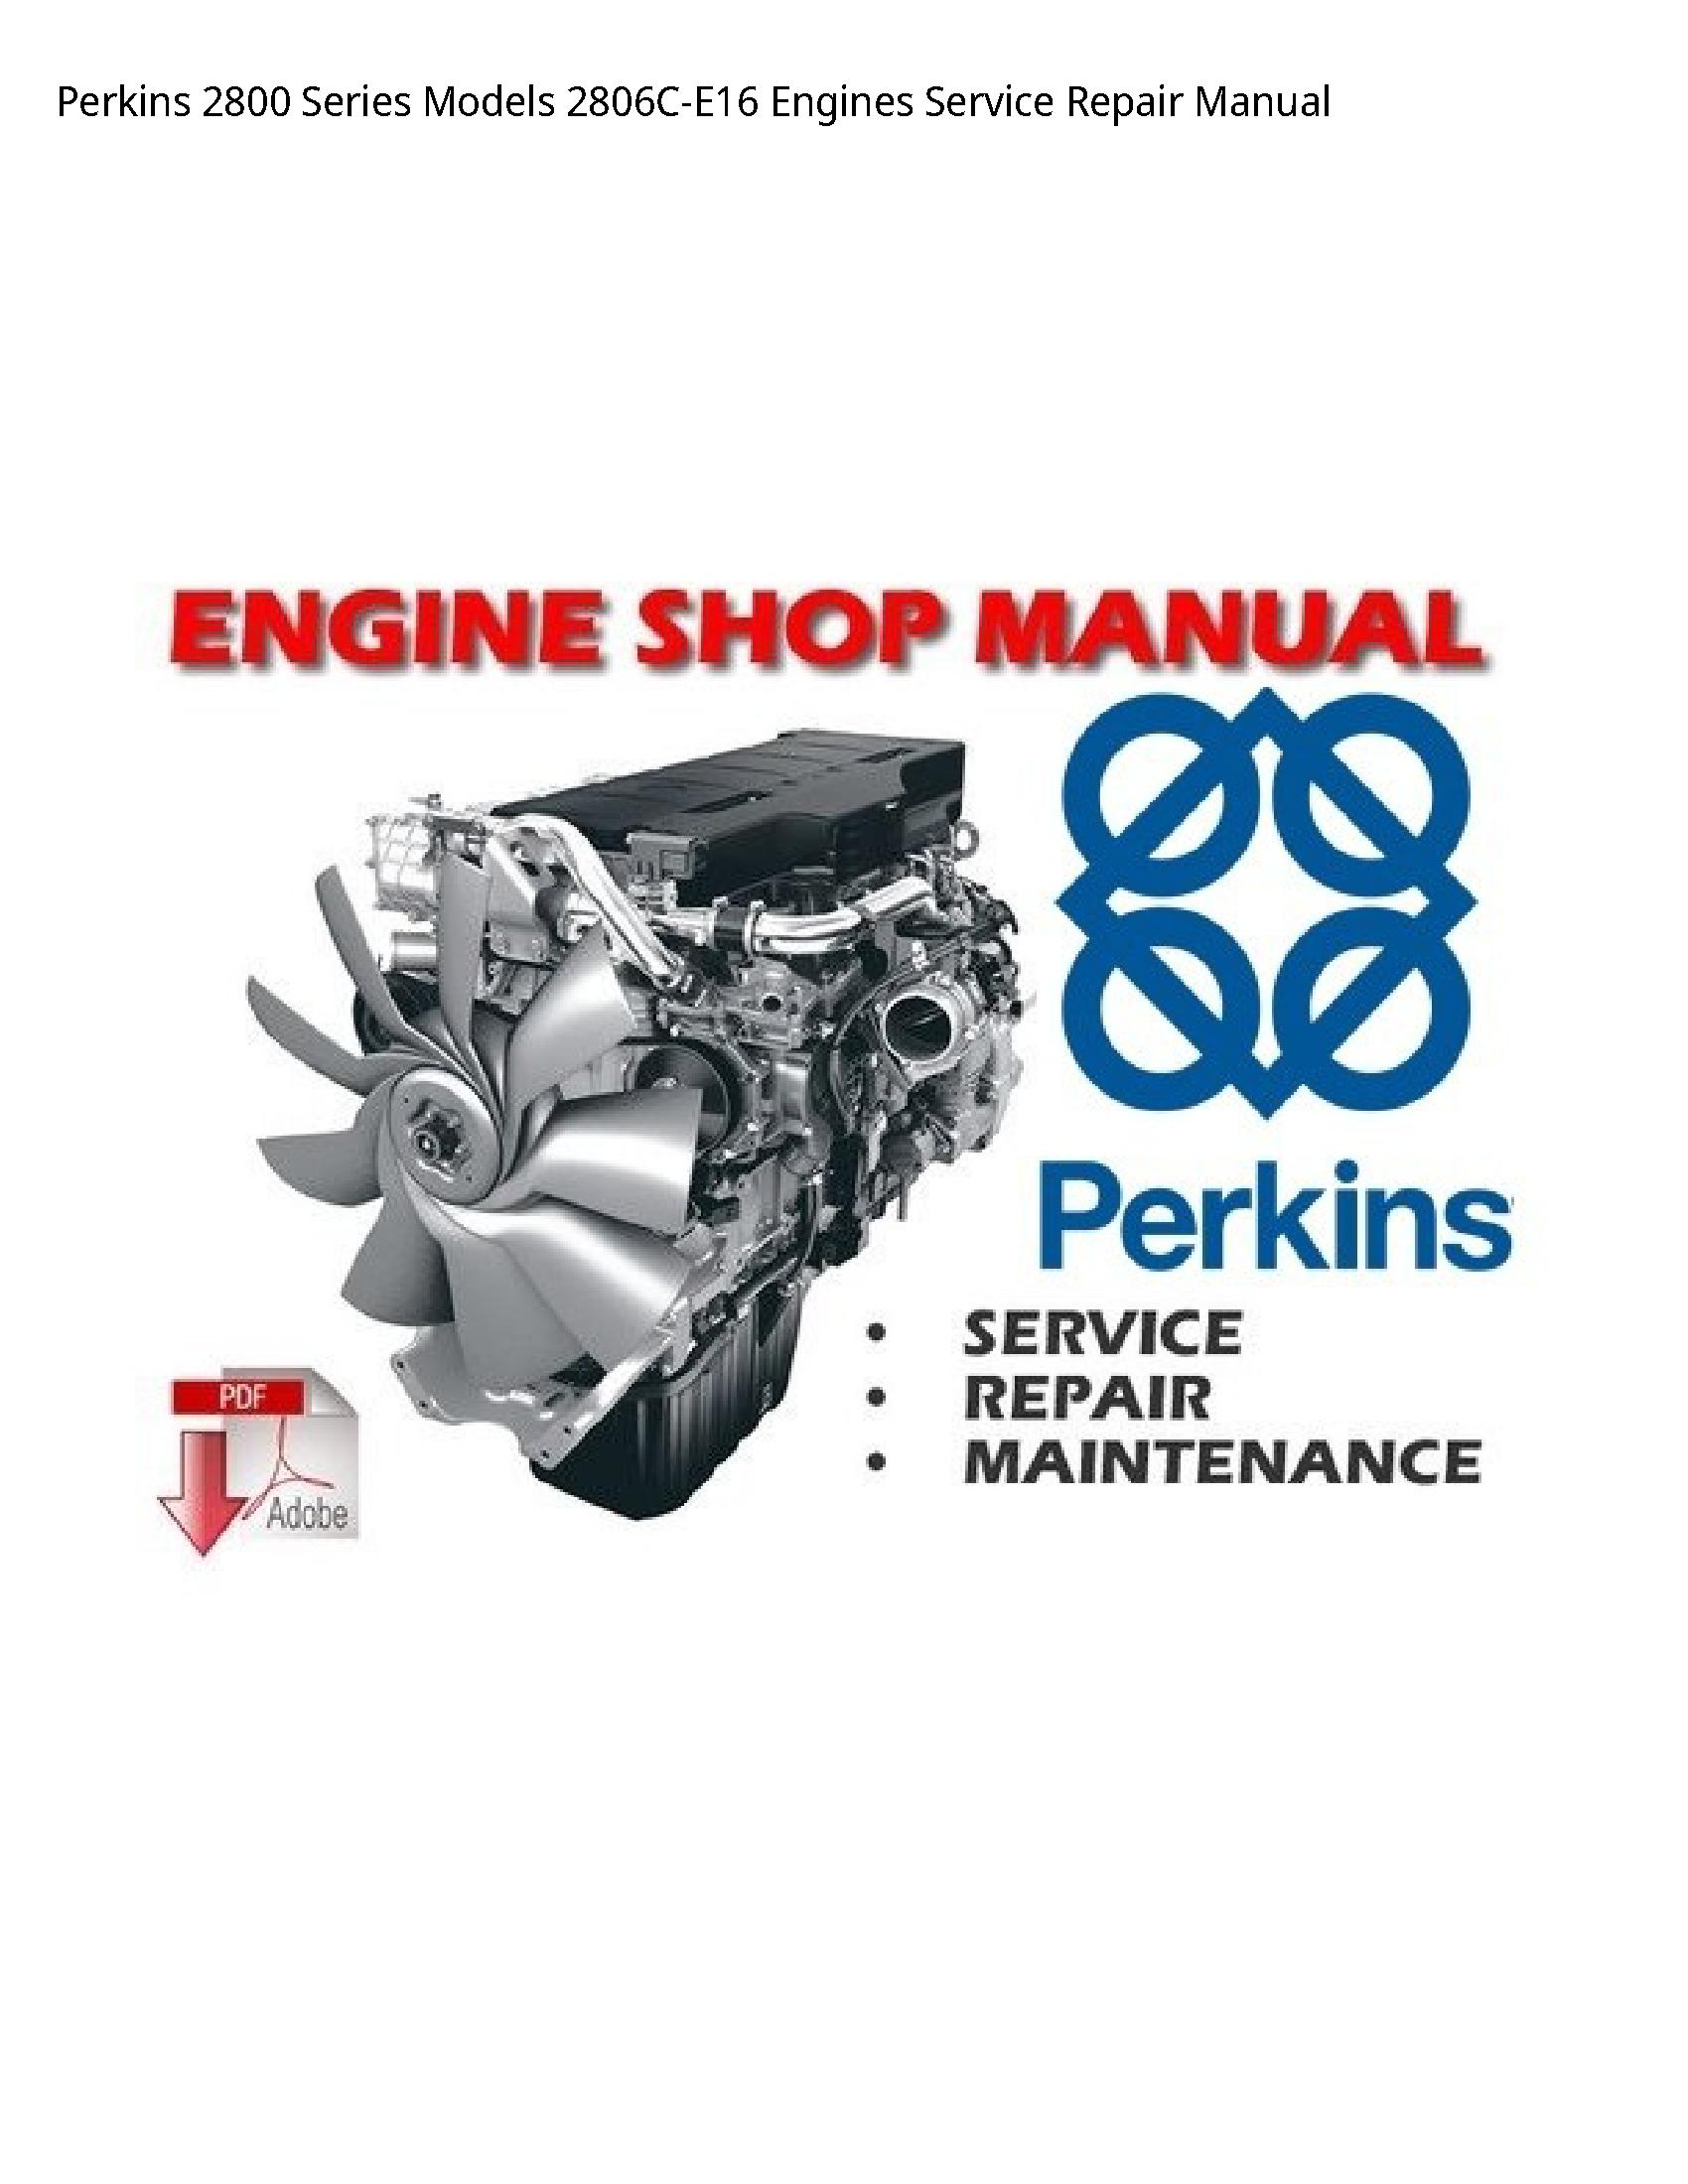 Perkins 2800 Series Engines manual